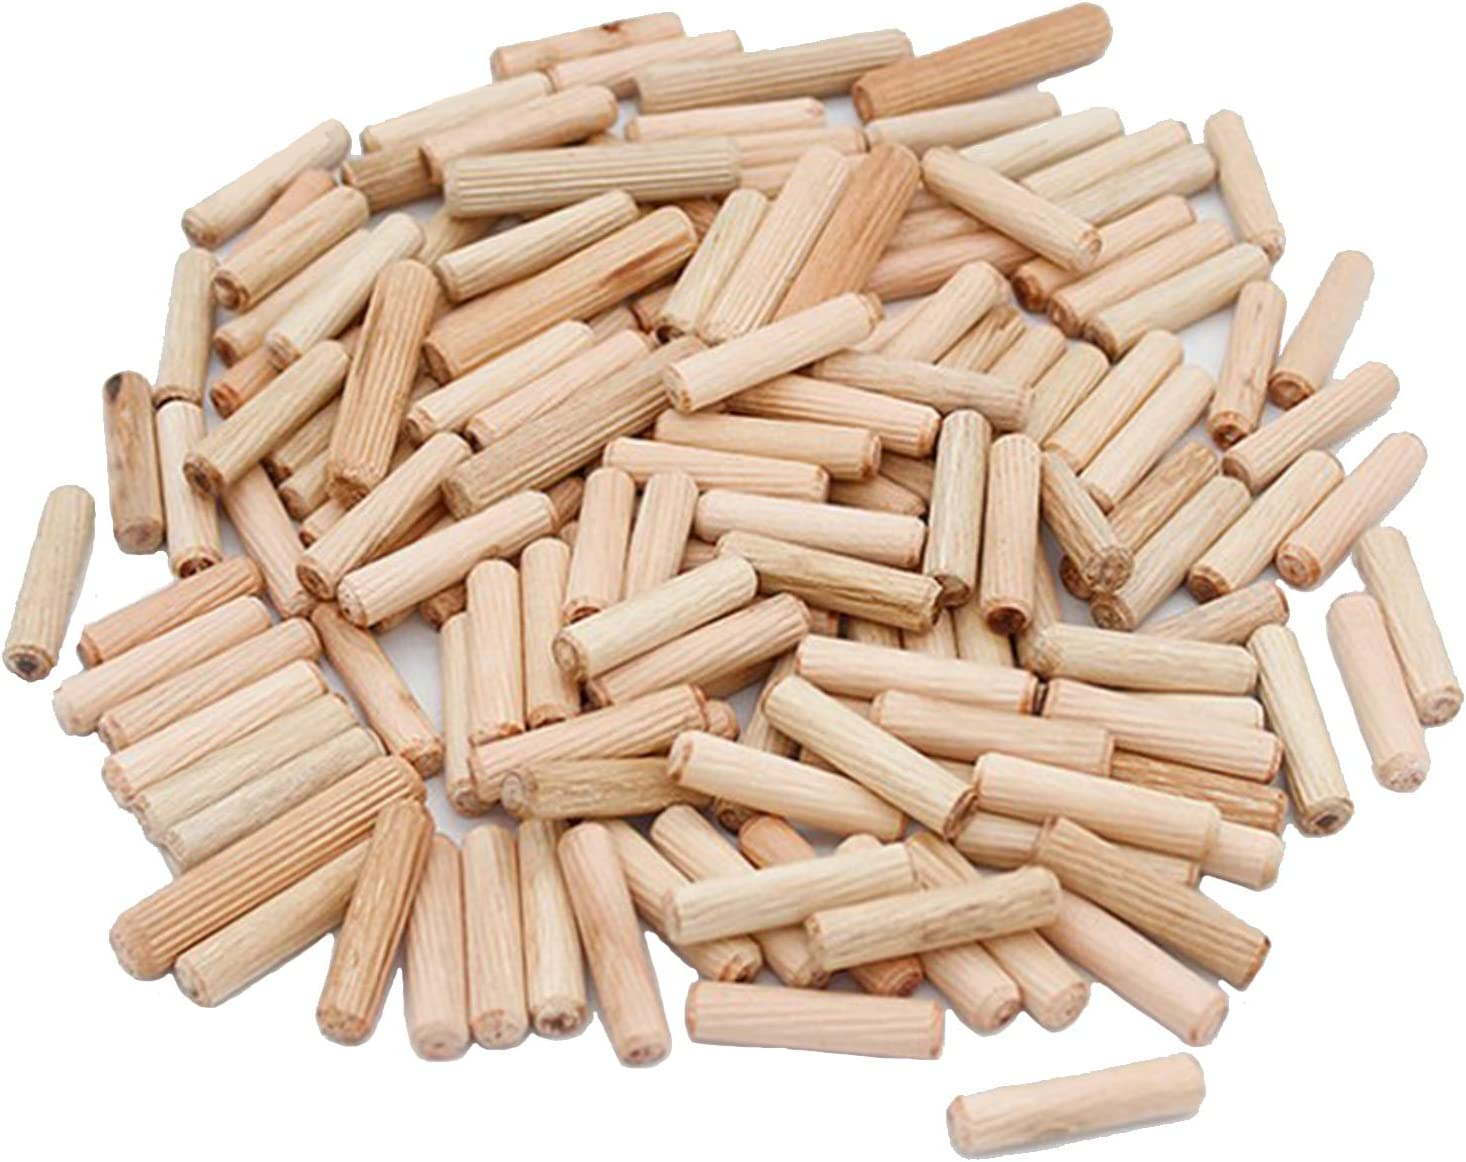 Hezhu Lot de 500 chevilles en bois Pour fraise /à lamellos 6 mm 10 mm 8 x 30 mm meuleuse ma/ître chevilleuse 8 mm